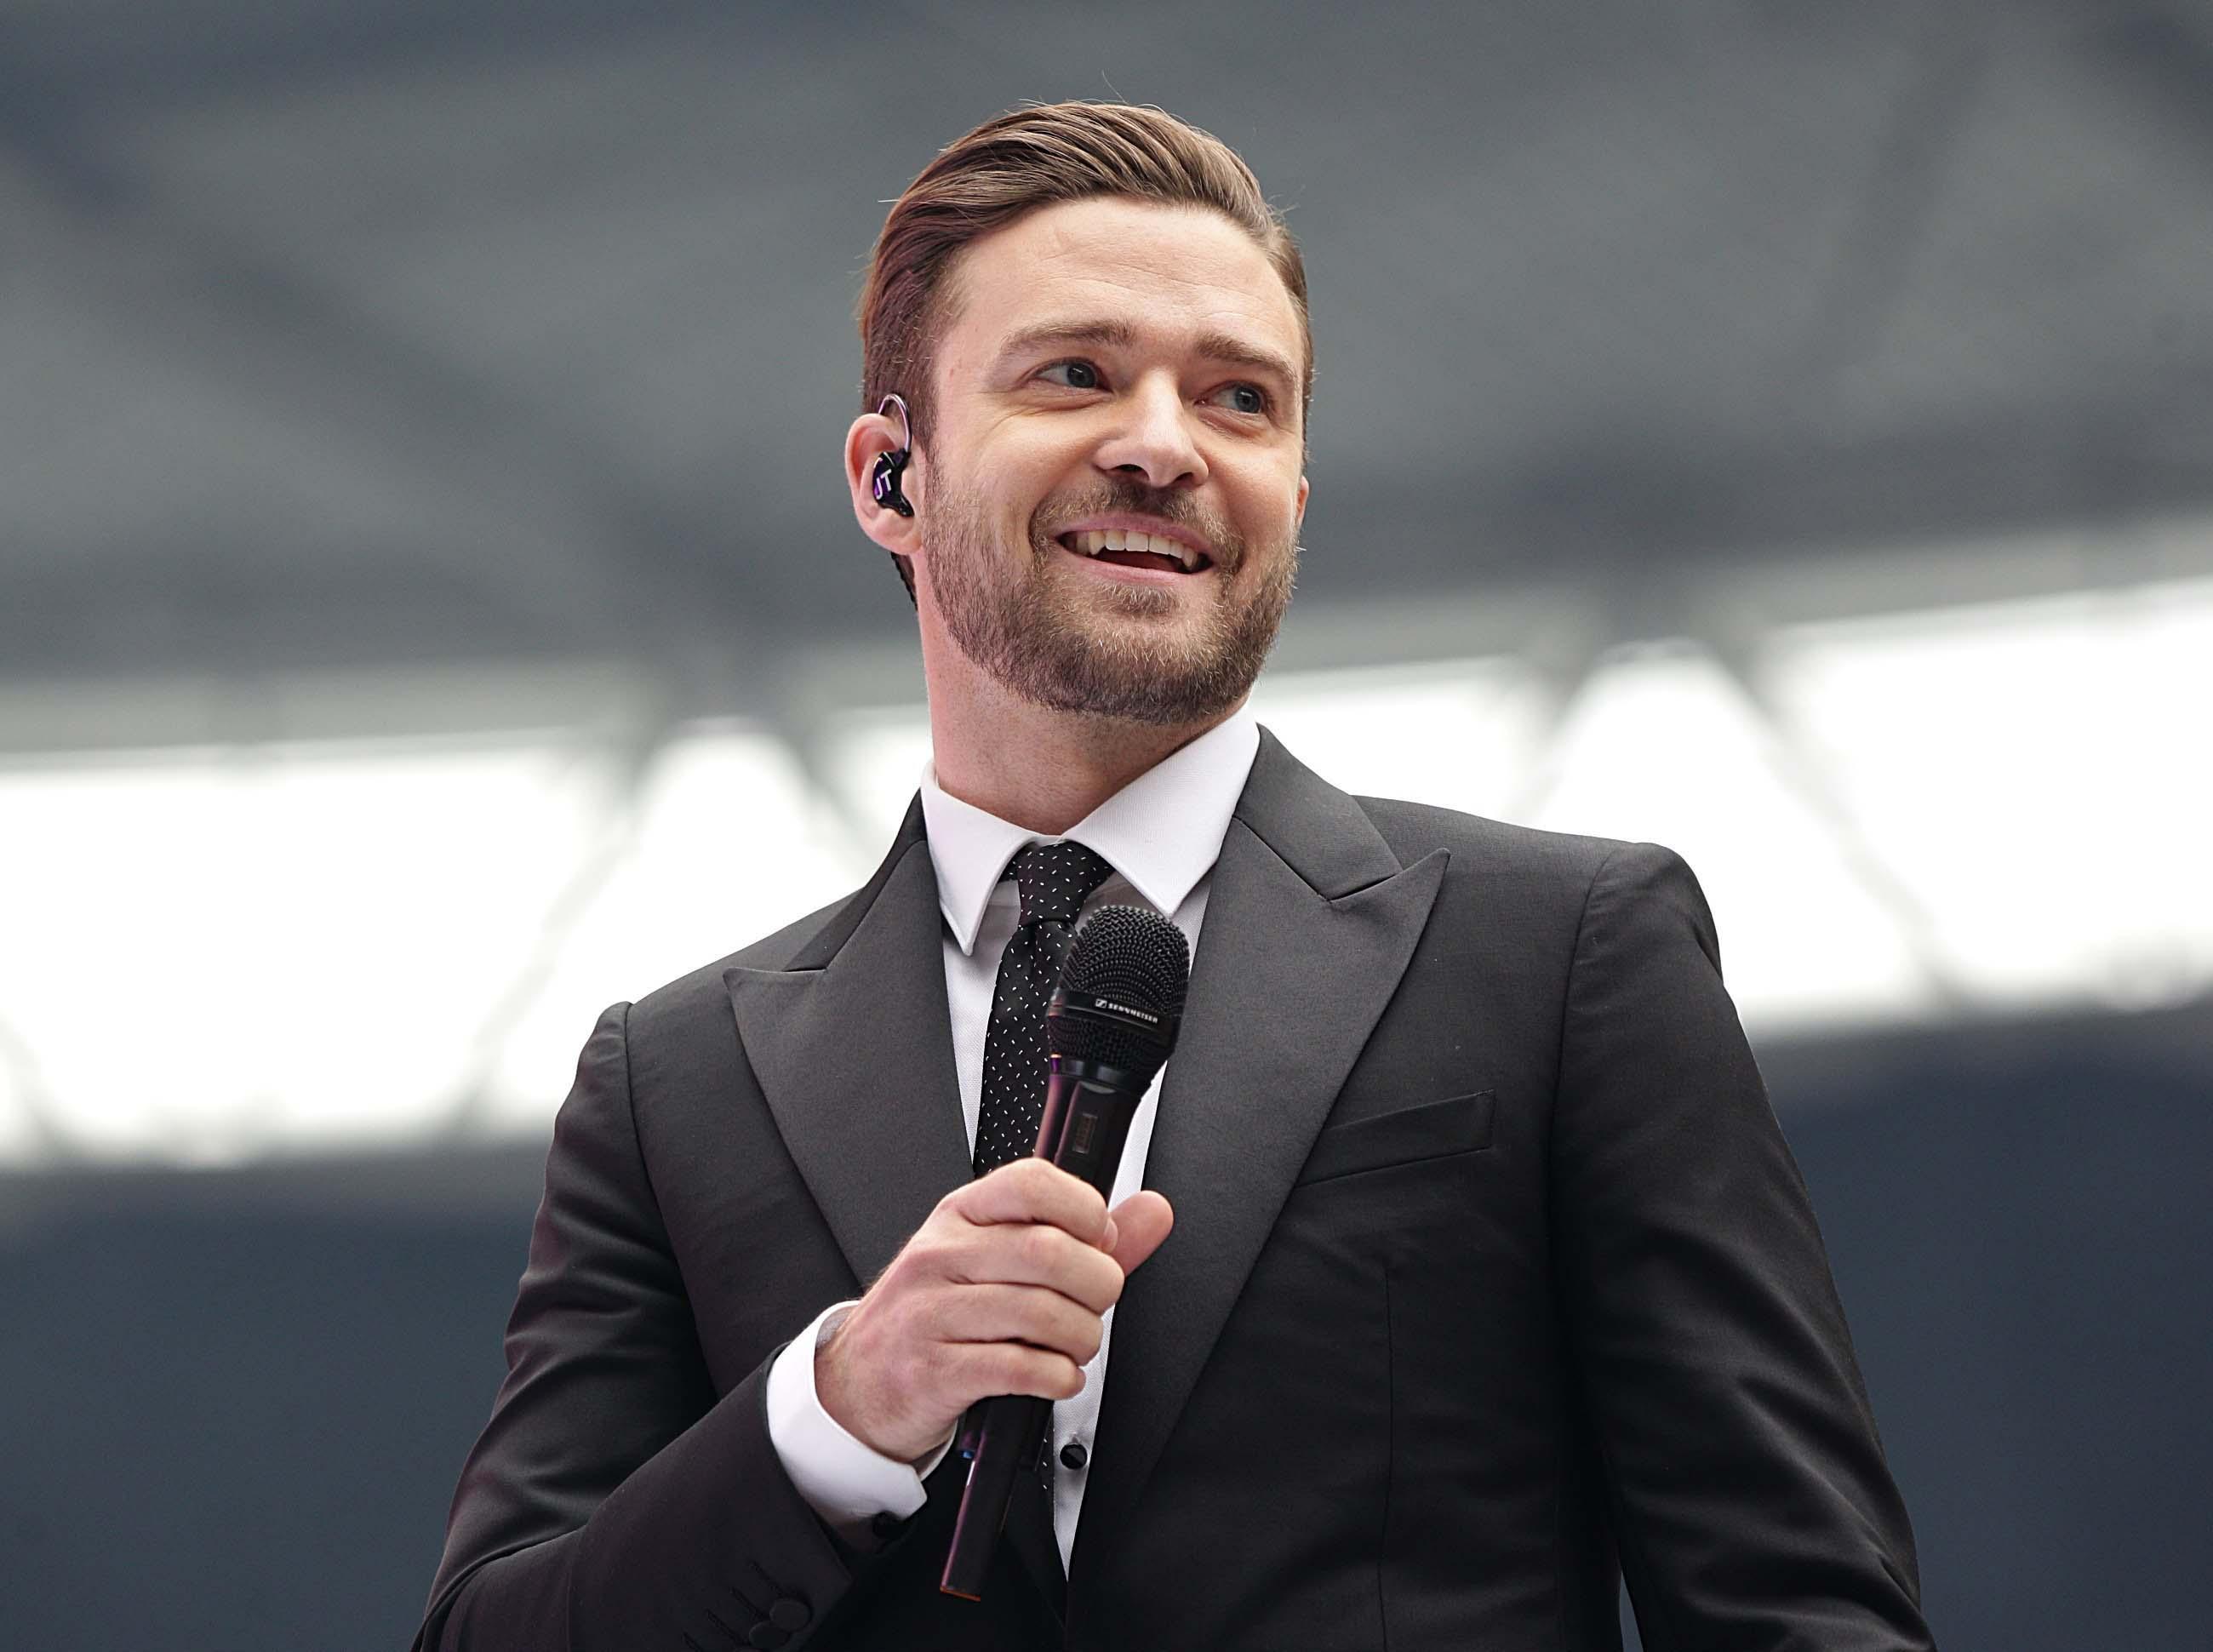 Justin Timberlake High